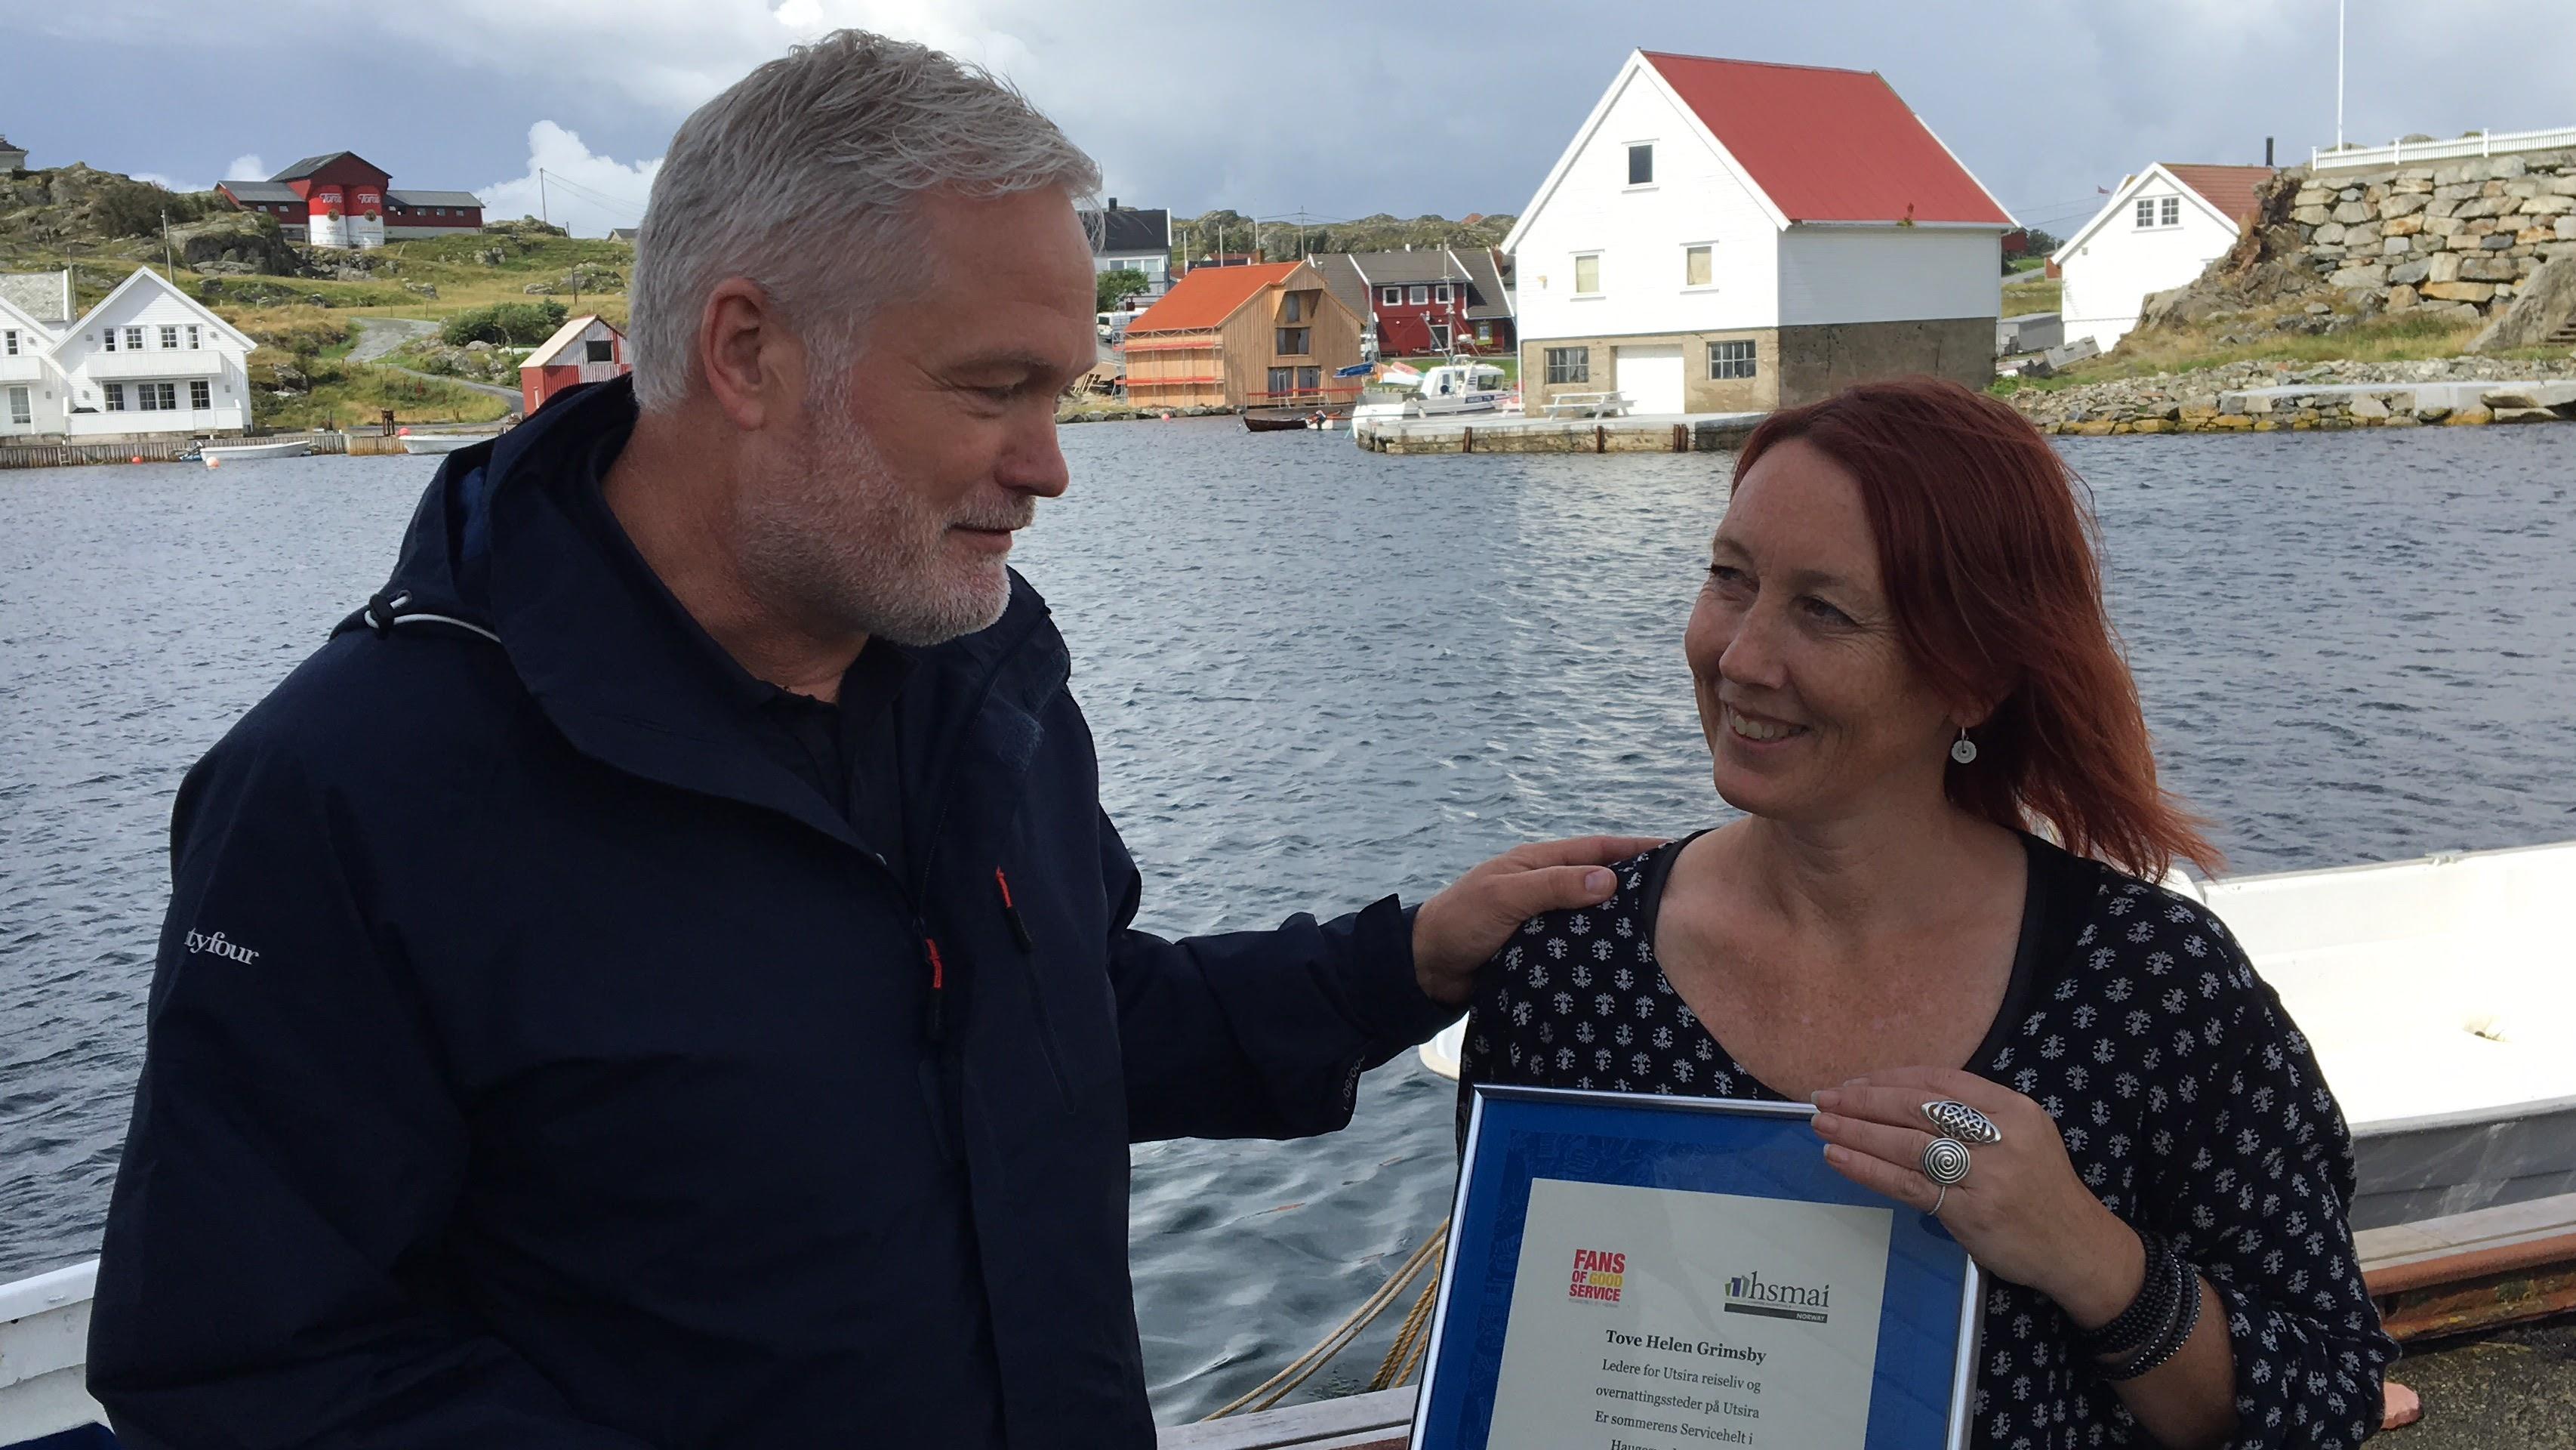 Reiselivsdirektør Vigleik Dueland i Destinasjon Haugesund og Haugalandet sammen med Tove Helen Grimsby fra Utsira